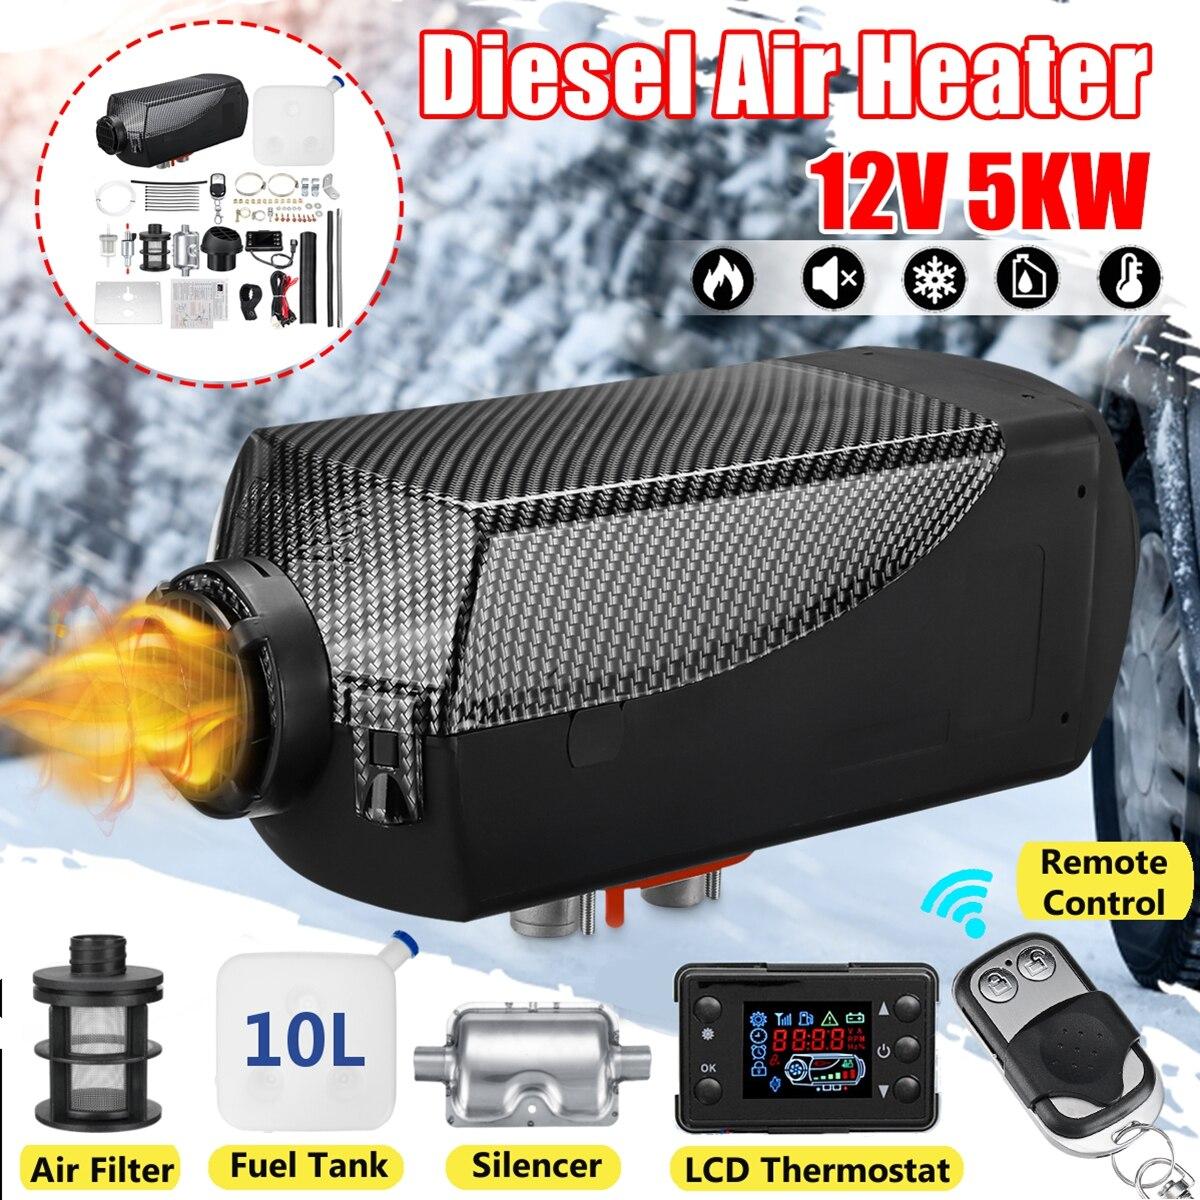 Air Diesel/Chauffe-5KW 12 V Planaire LCD Pour Voiture Camions Bateaux Moteur-Maisons Dernière Kit Moniteur pour camping-Car RV Remorque Avec Télécommande